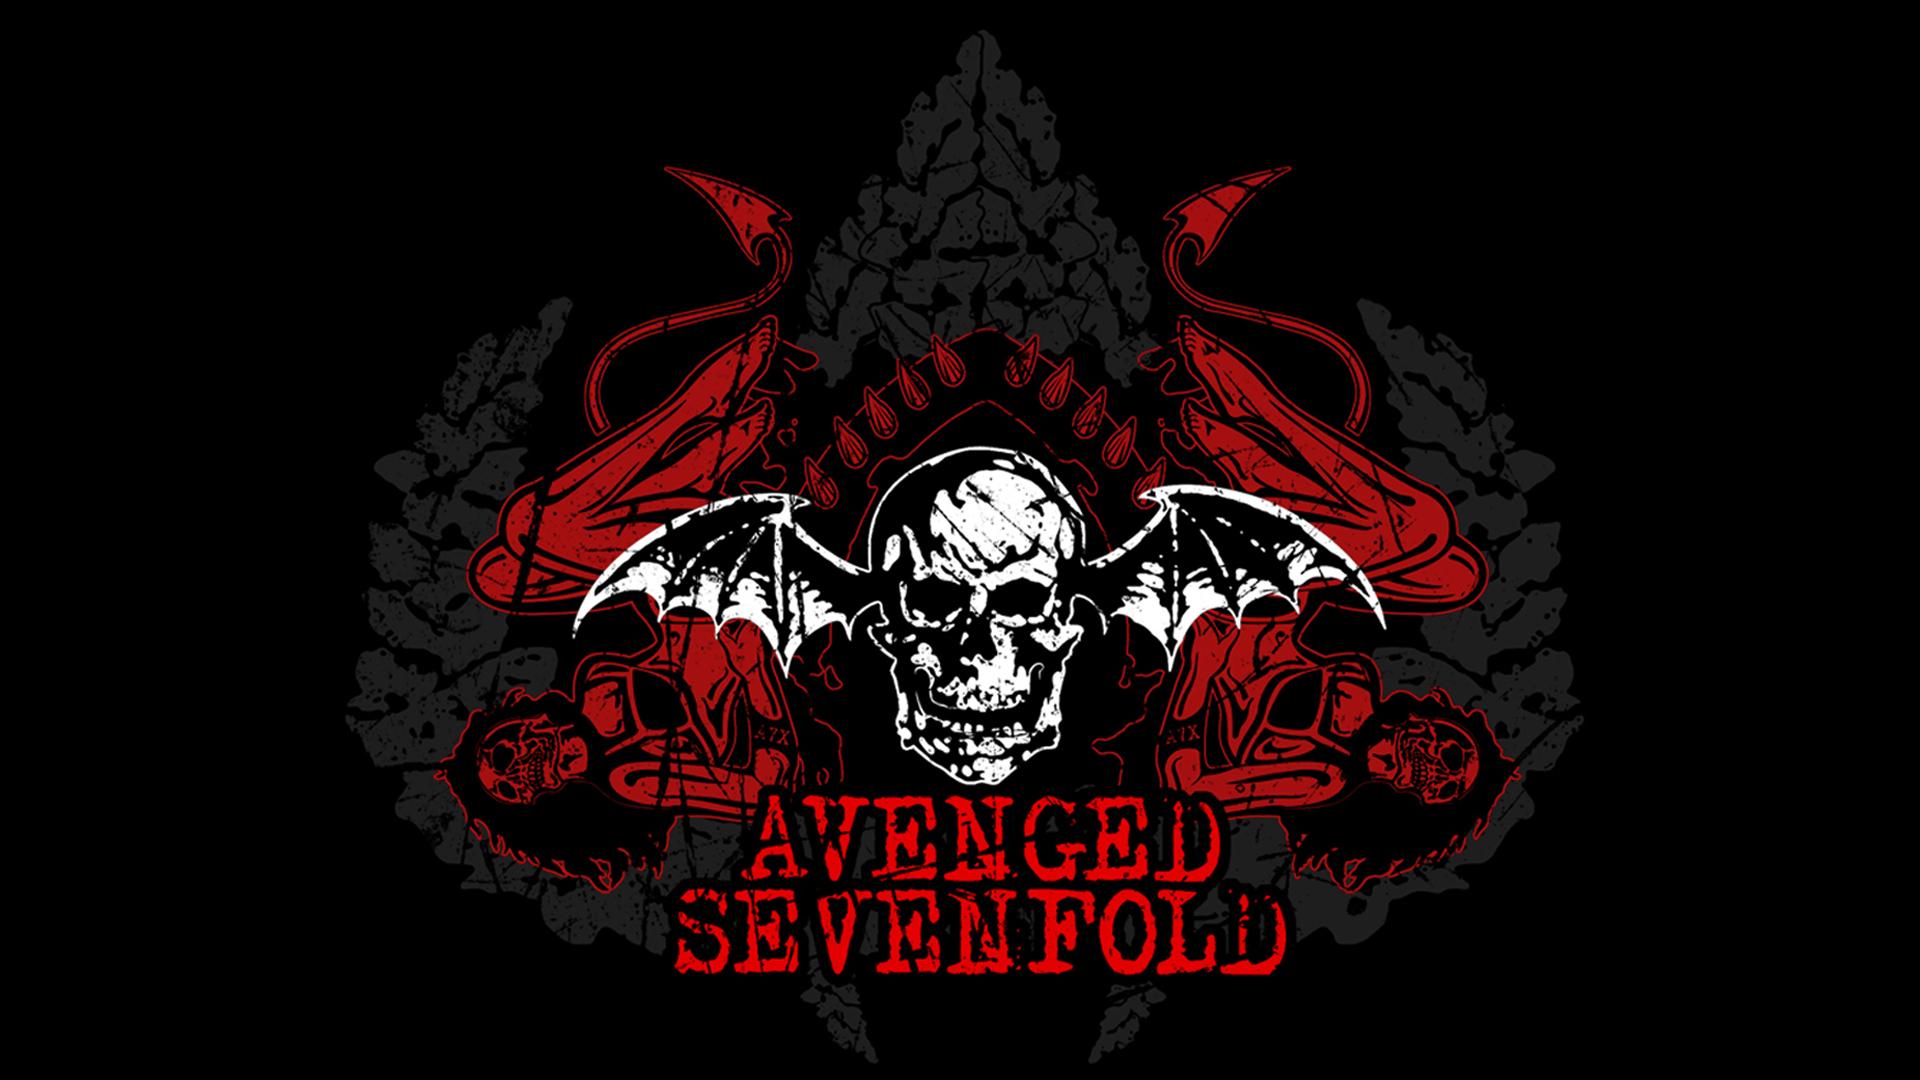 Avenged Sevenfold heavy metal rock dark n wallpaper 1920x1080